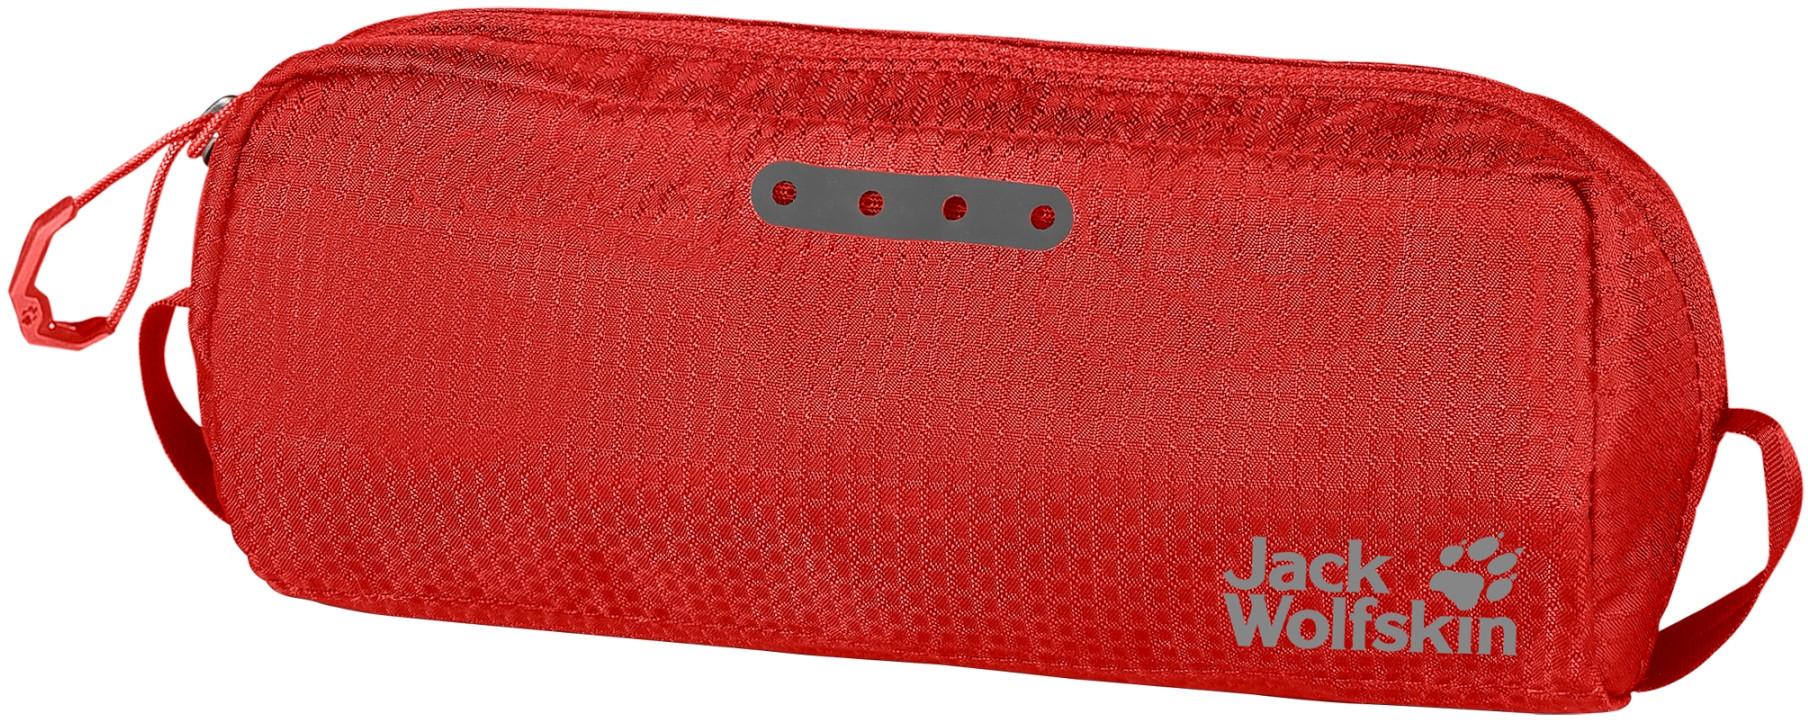 Jack Wolfskin Kosmetyczka podróżna WASHBAG AIR lava red apm_8006881-2066